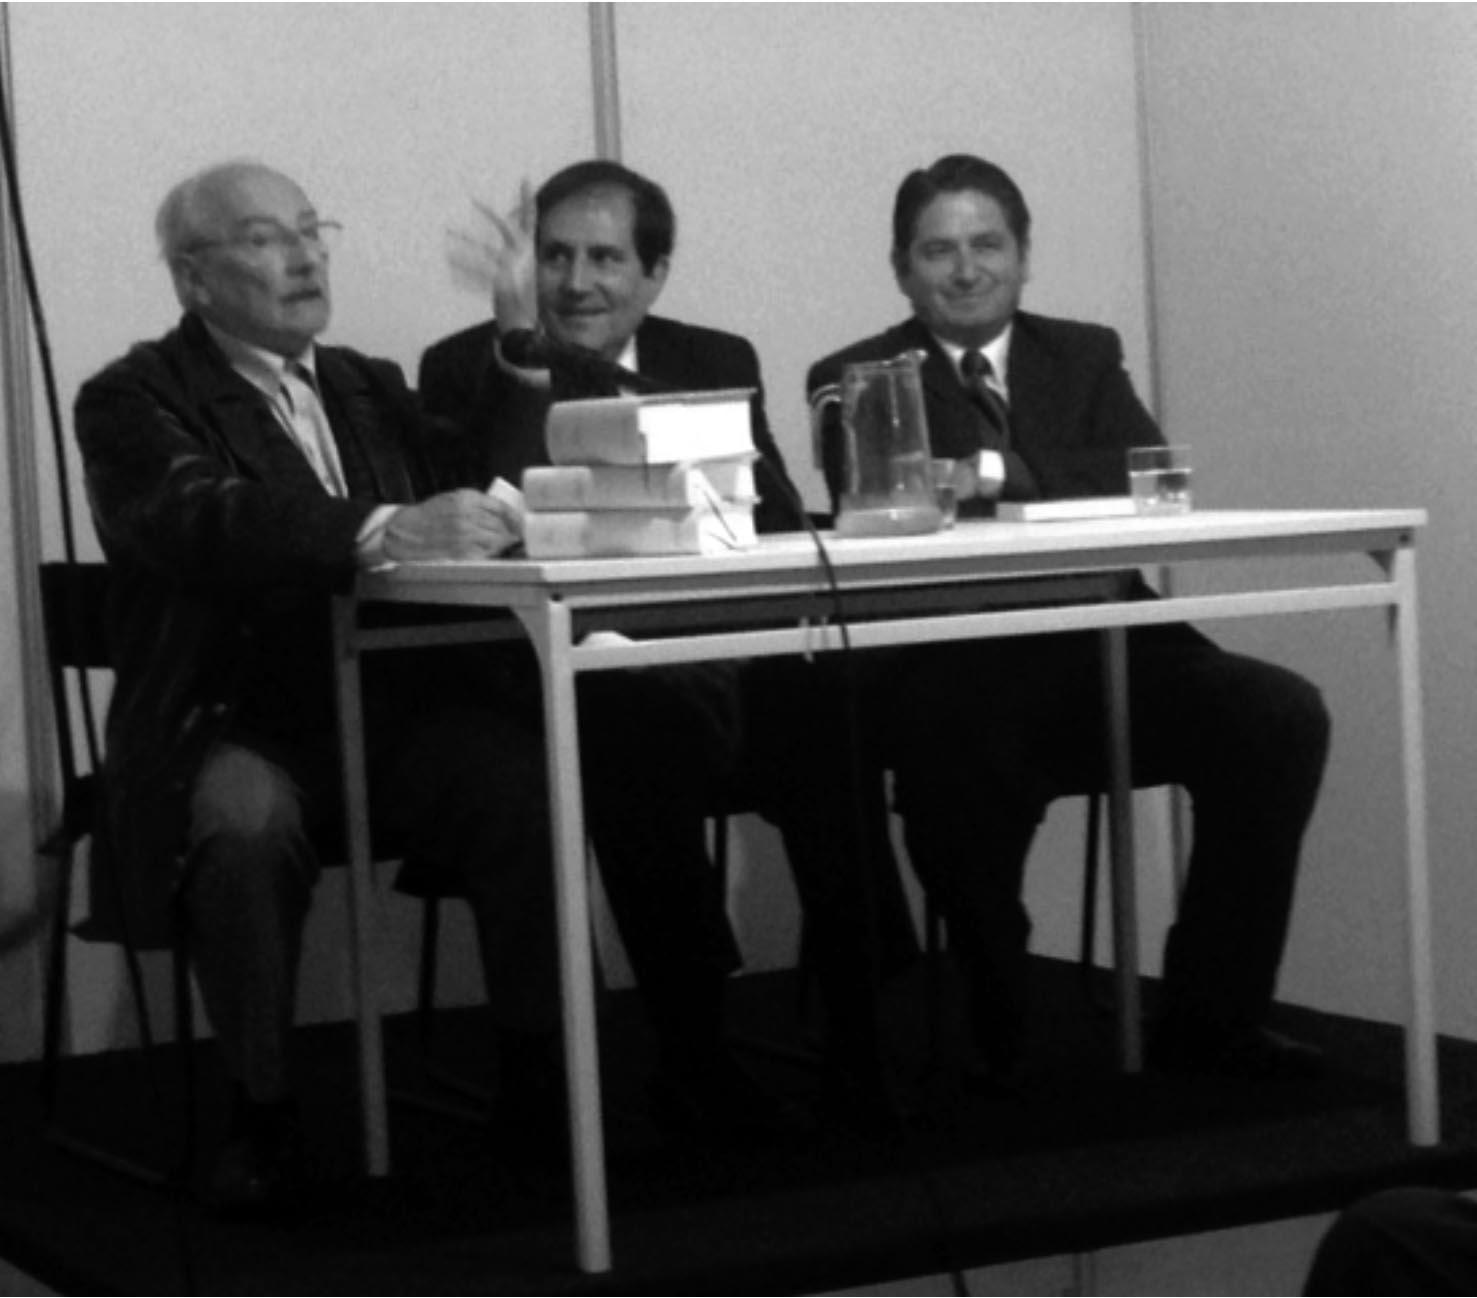 De izquierda a derecha: Ricardo Pallares, Alonso Ruíz Rosas y Ricardo Gonzáles-Vigil.